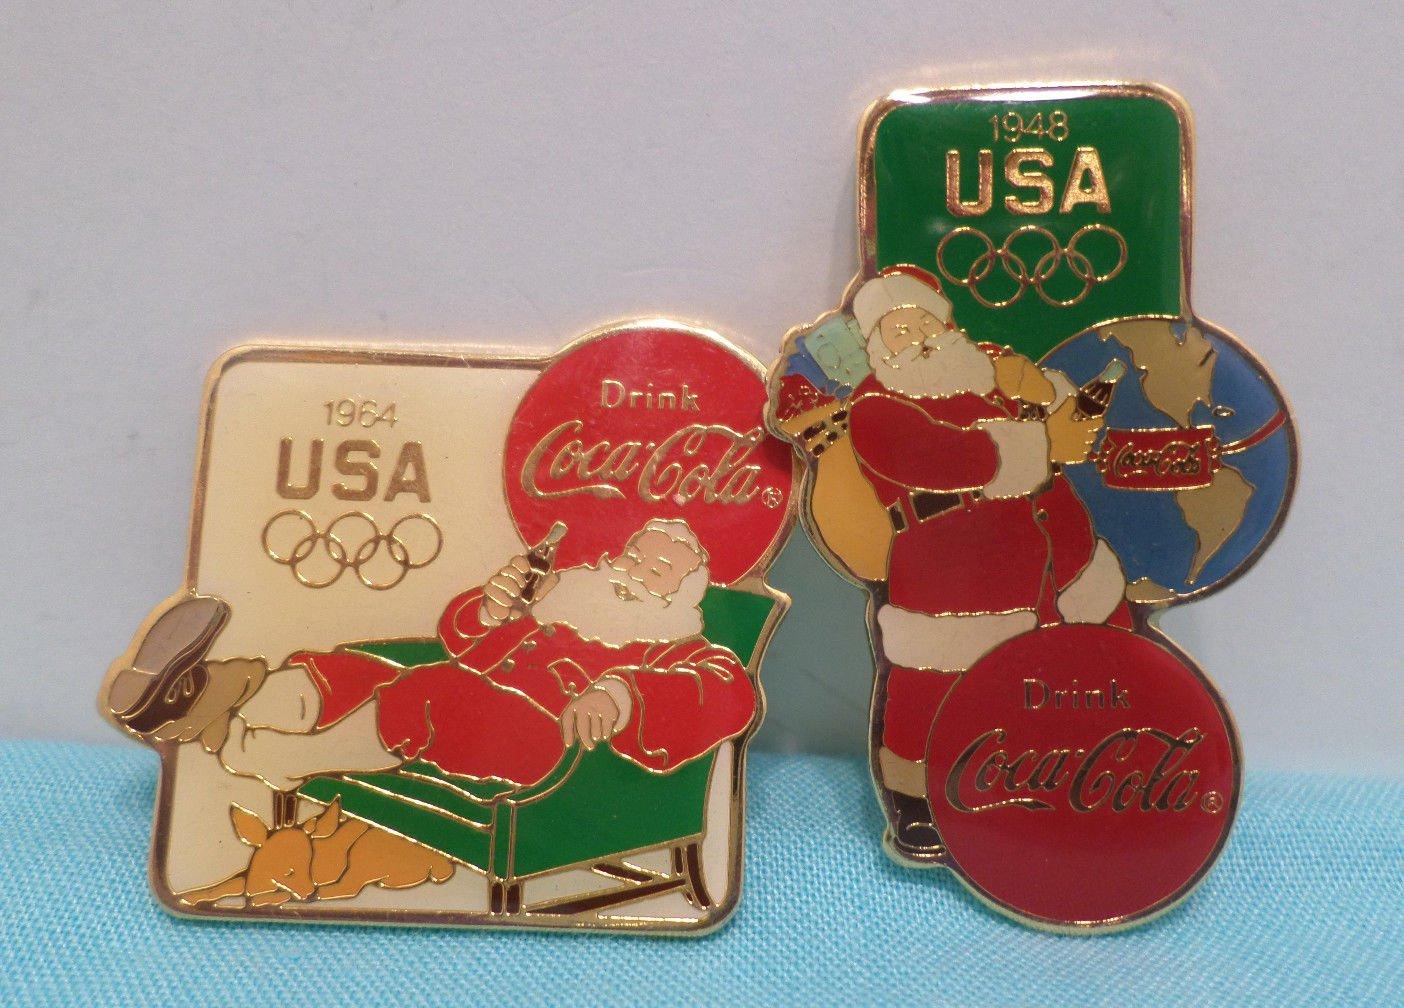 1984 Los Angeles Olympics Collector Pins Coca Cola and Santa Claus